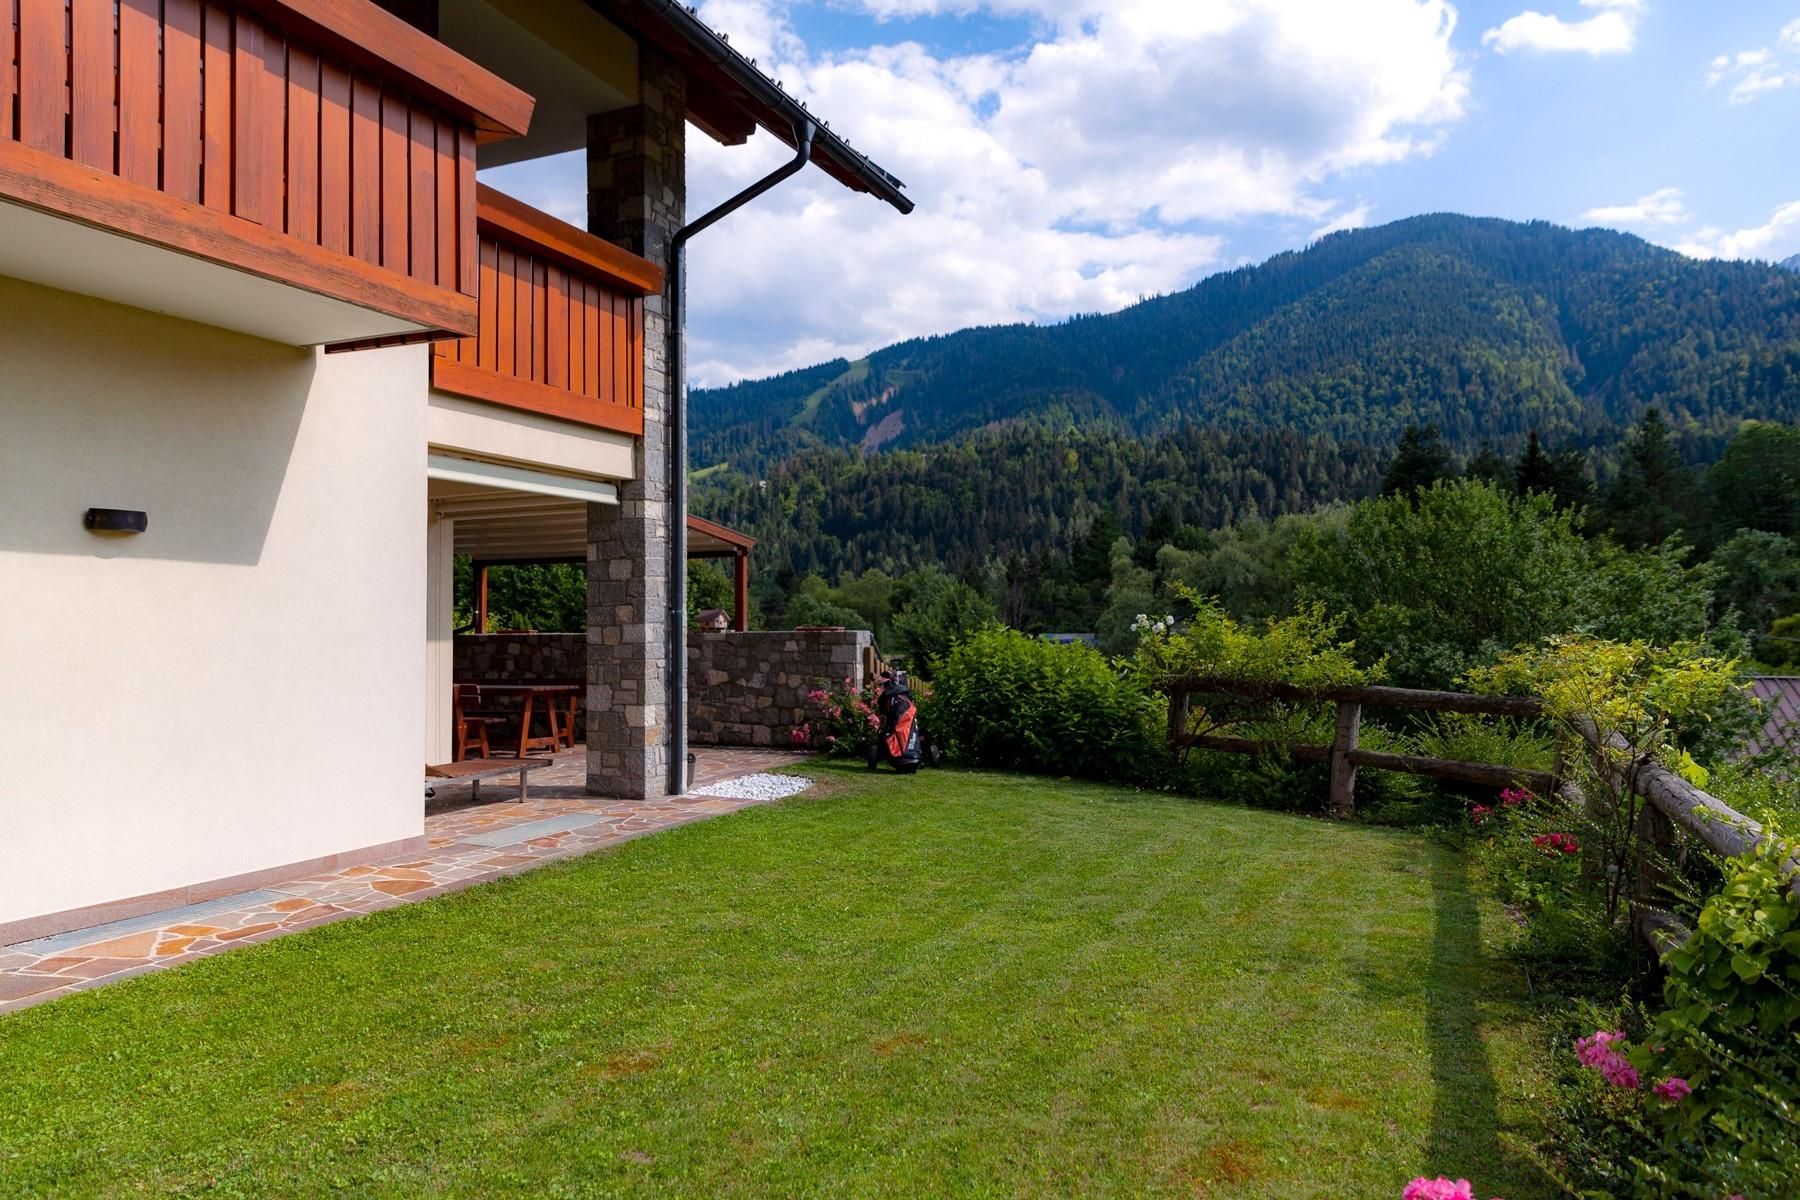 Casa indipendente in Vendita a Tarvisio: 5 locali, 300 mq - Foto 2